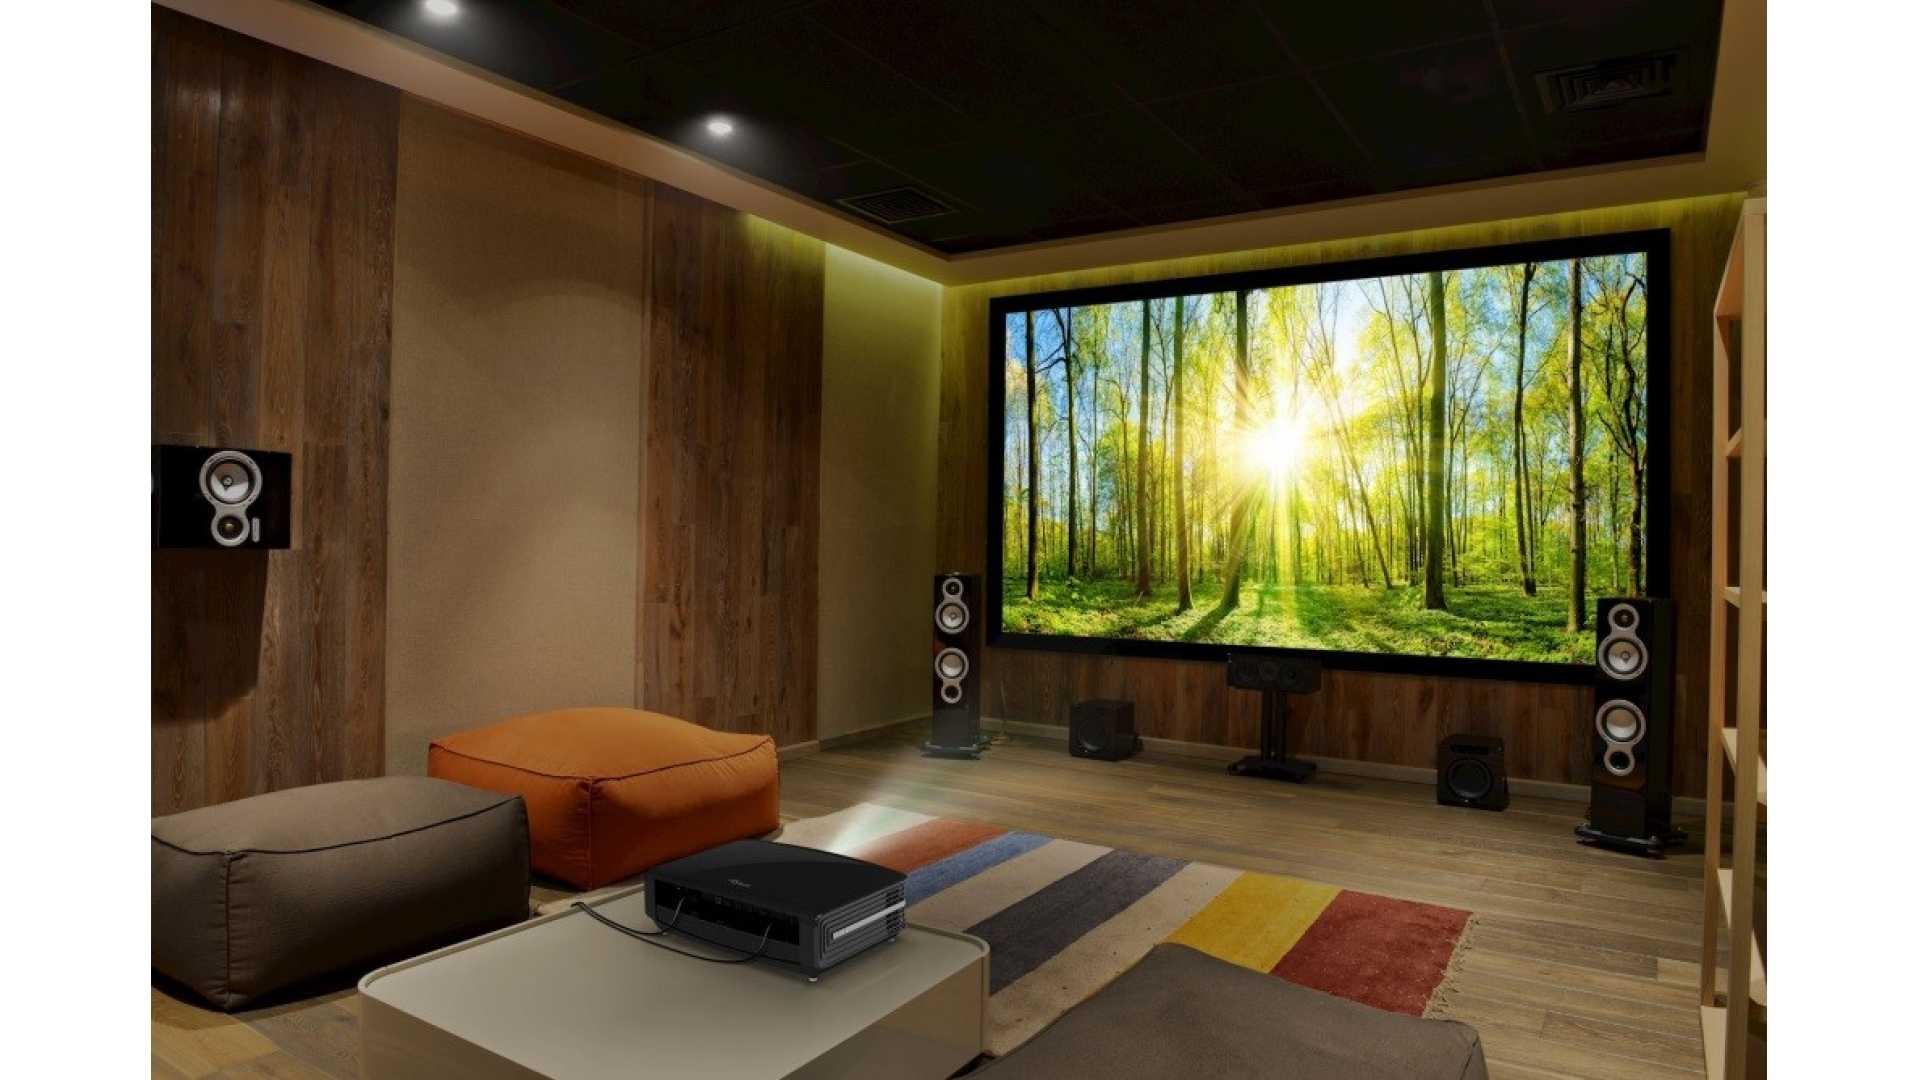 Лучшие проекторы для домашнего кинотеатра с aliexpress топ-10